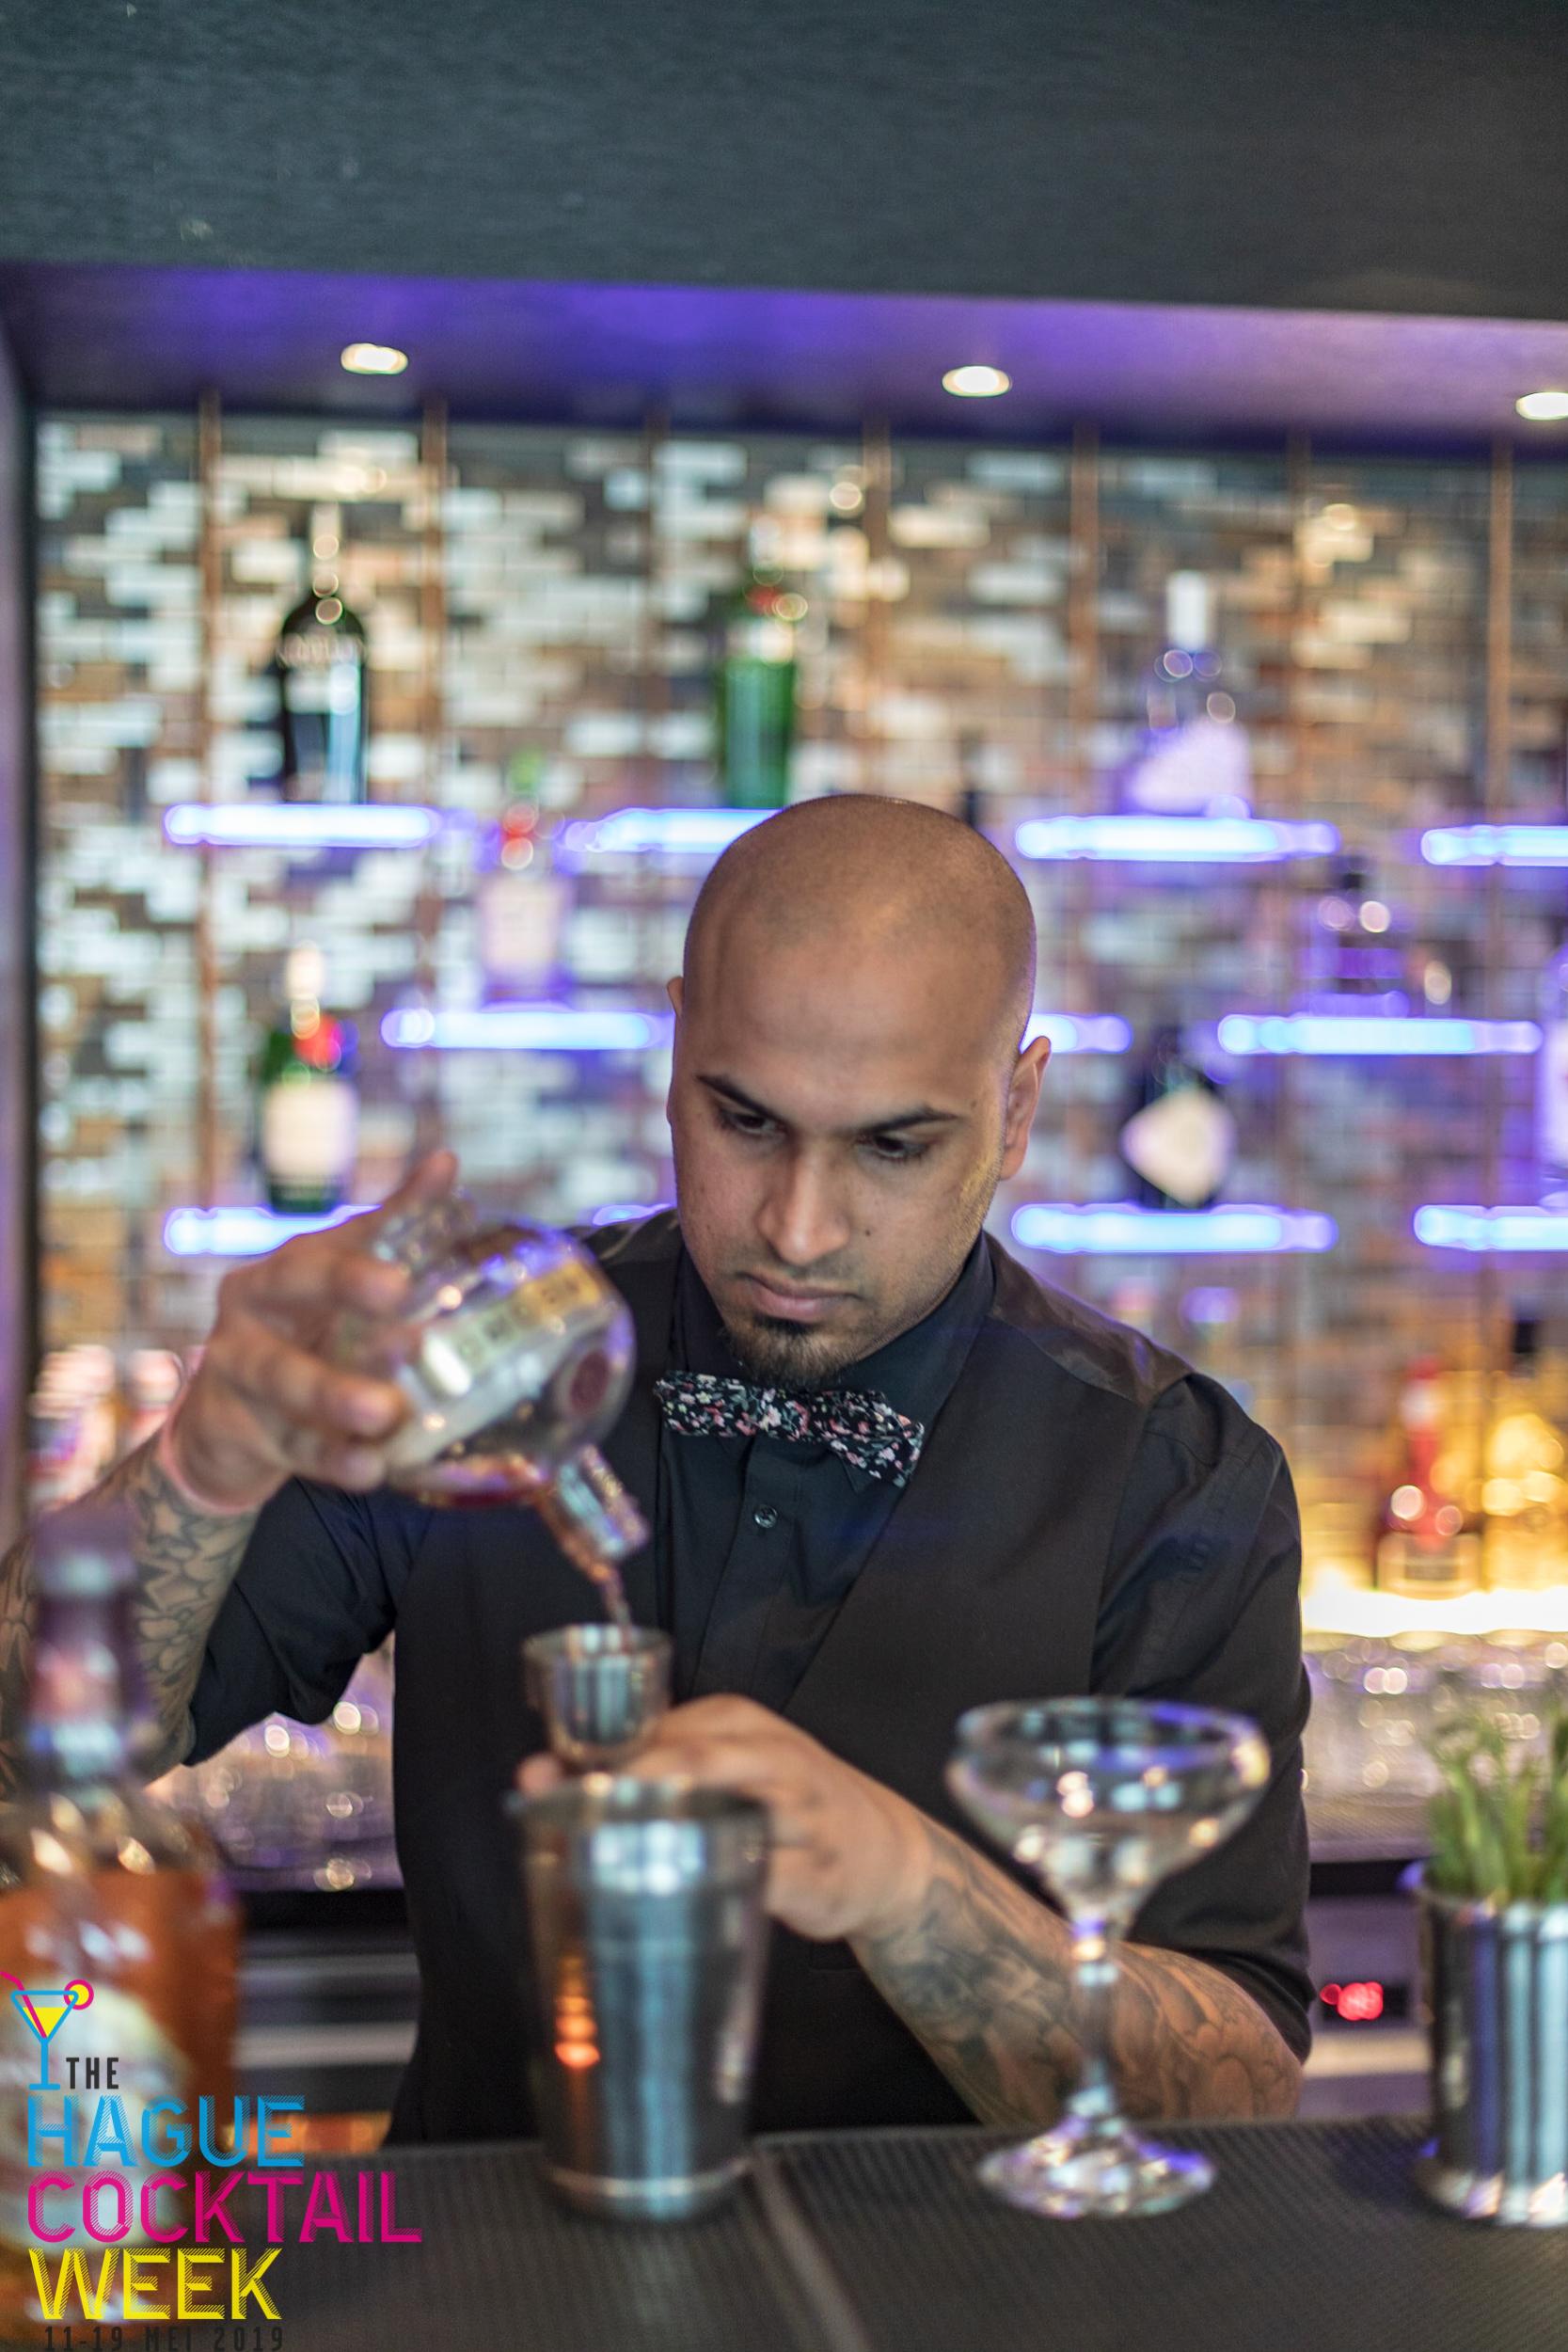 The Spark | Hilton Hotel | The Hague Cocktail Week-3.jpg